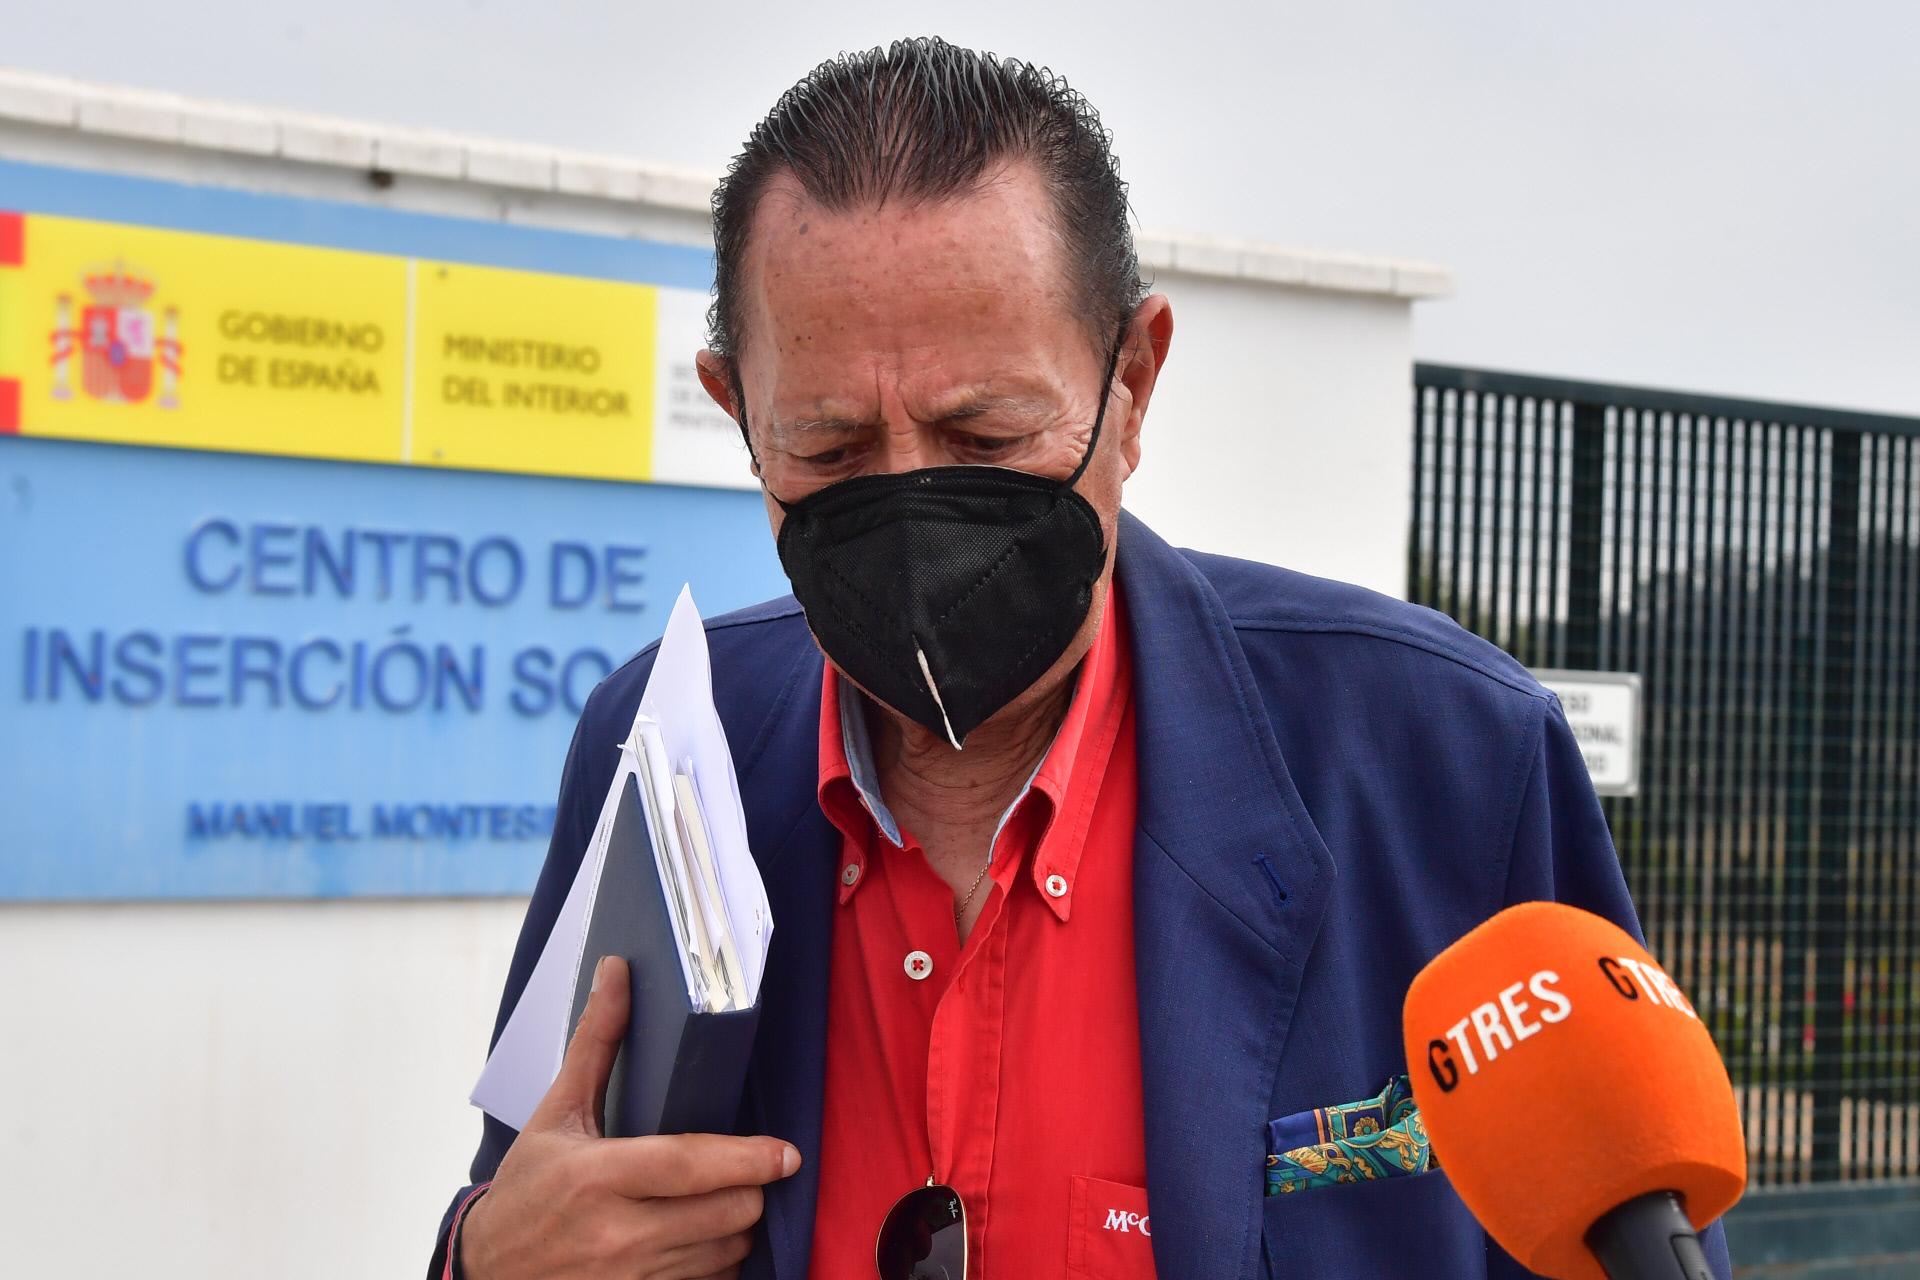 Julián Muñoz, el pasado viernes, a las puertas del centro de inserción social de Algeciras, donde cumplíael tercer grado.